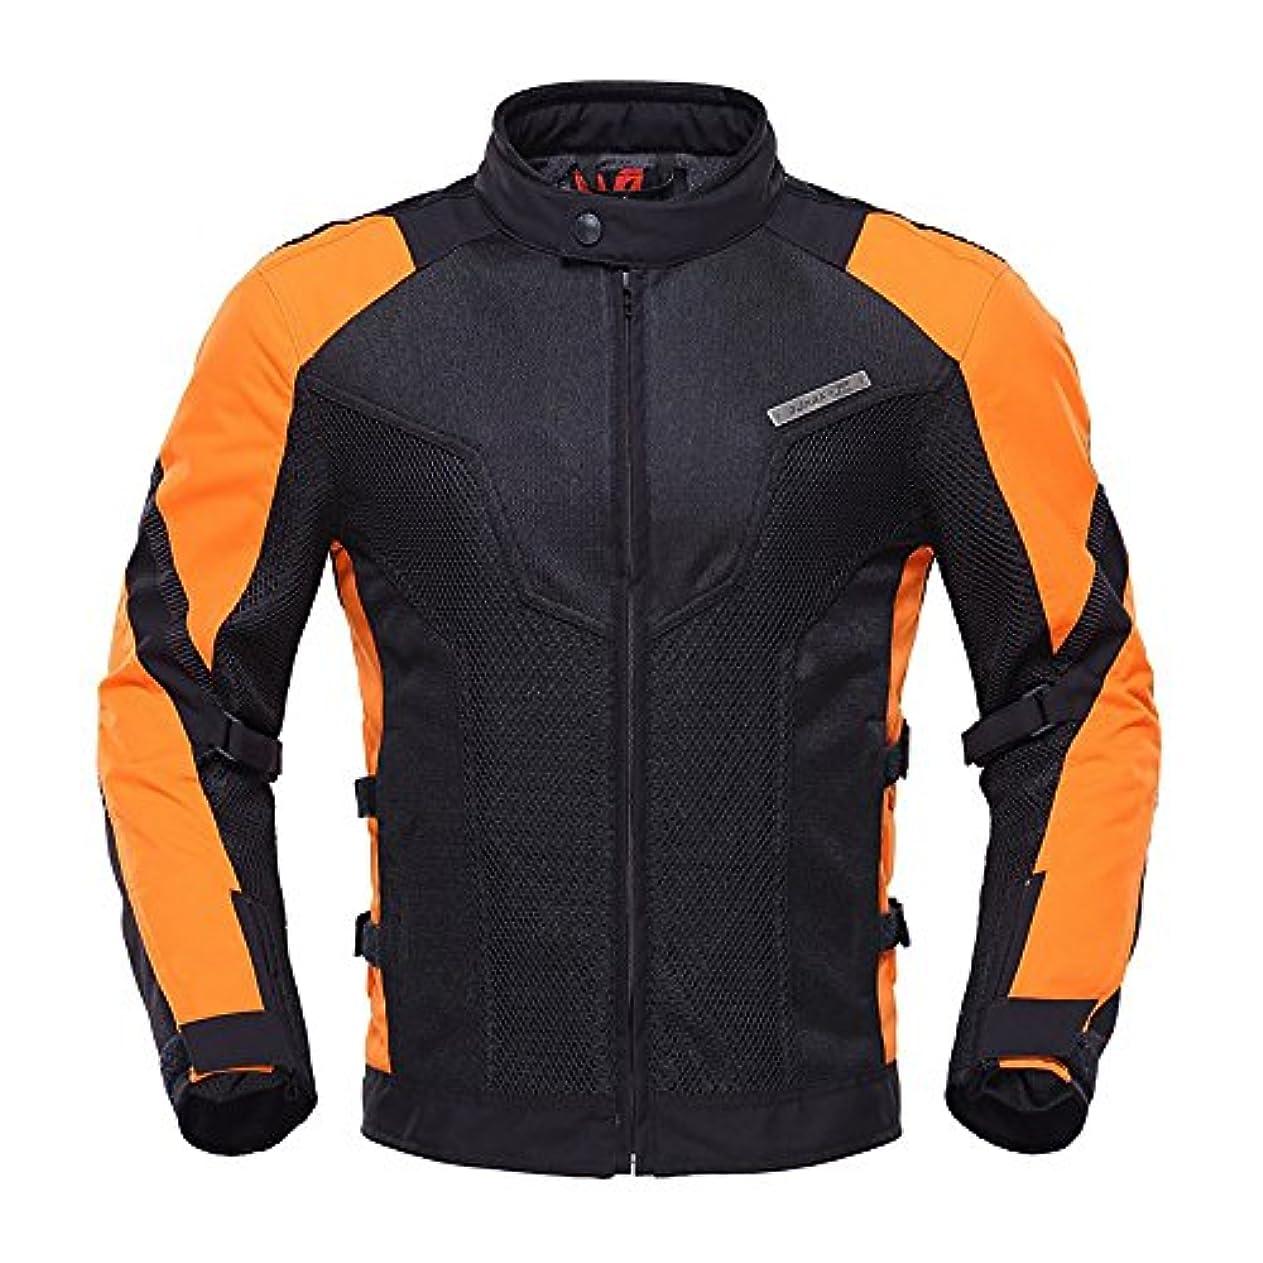 労働中世の安いですDUHAN D-183 メンズ バイク ジャケット ライダースジャケット バイク ウェア メッシュ 春 夏 秋 3シーズン プロテクター装備 (XL, オレンジ黒)